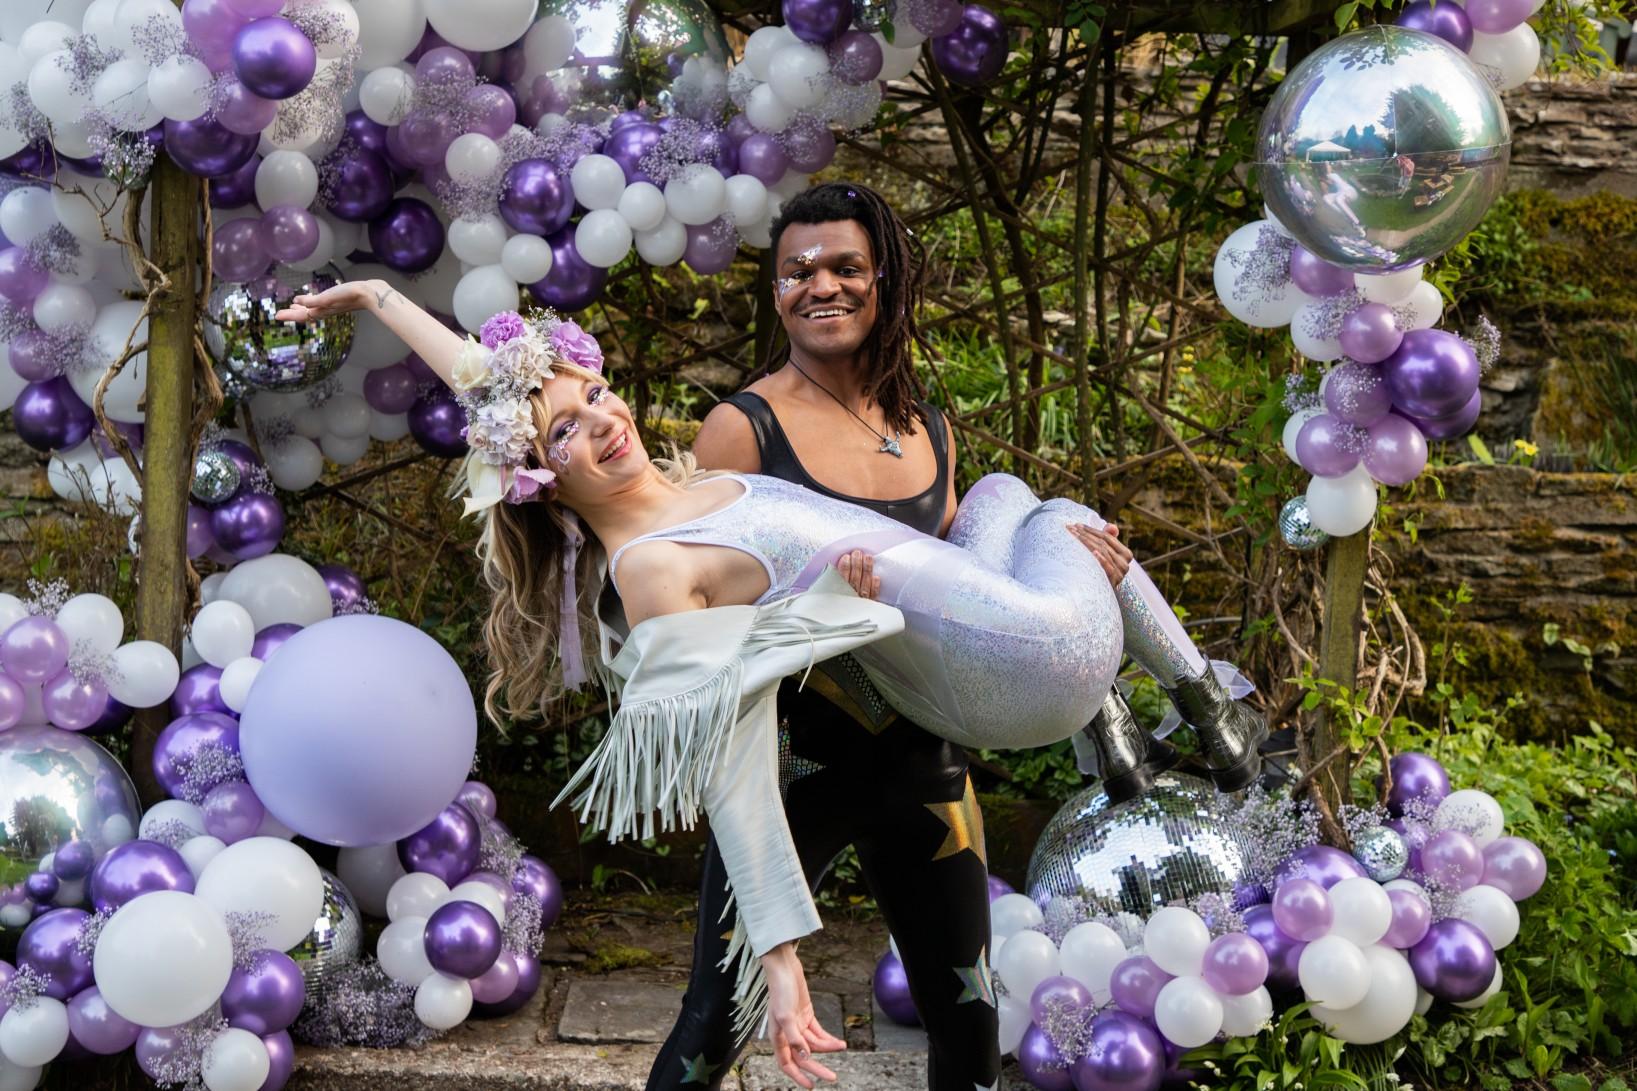 modern festival wedding - unique wedding wear - wedding jumpsuit - wedding catsuit - festival bride - unique wedding wear - purple wedding - wedding bodysuit